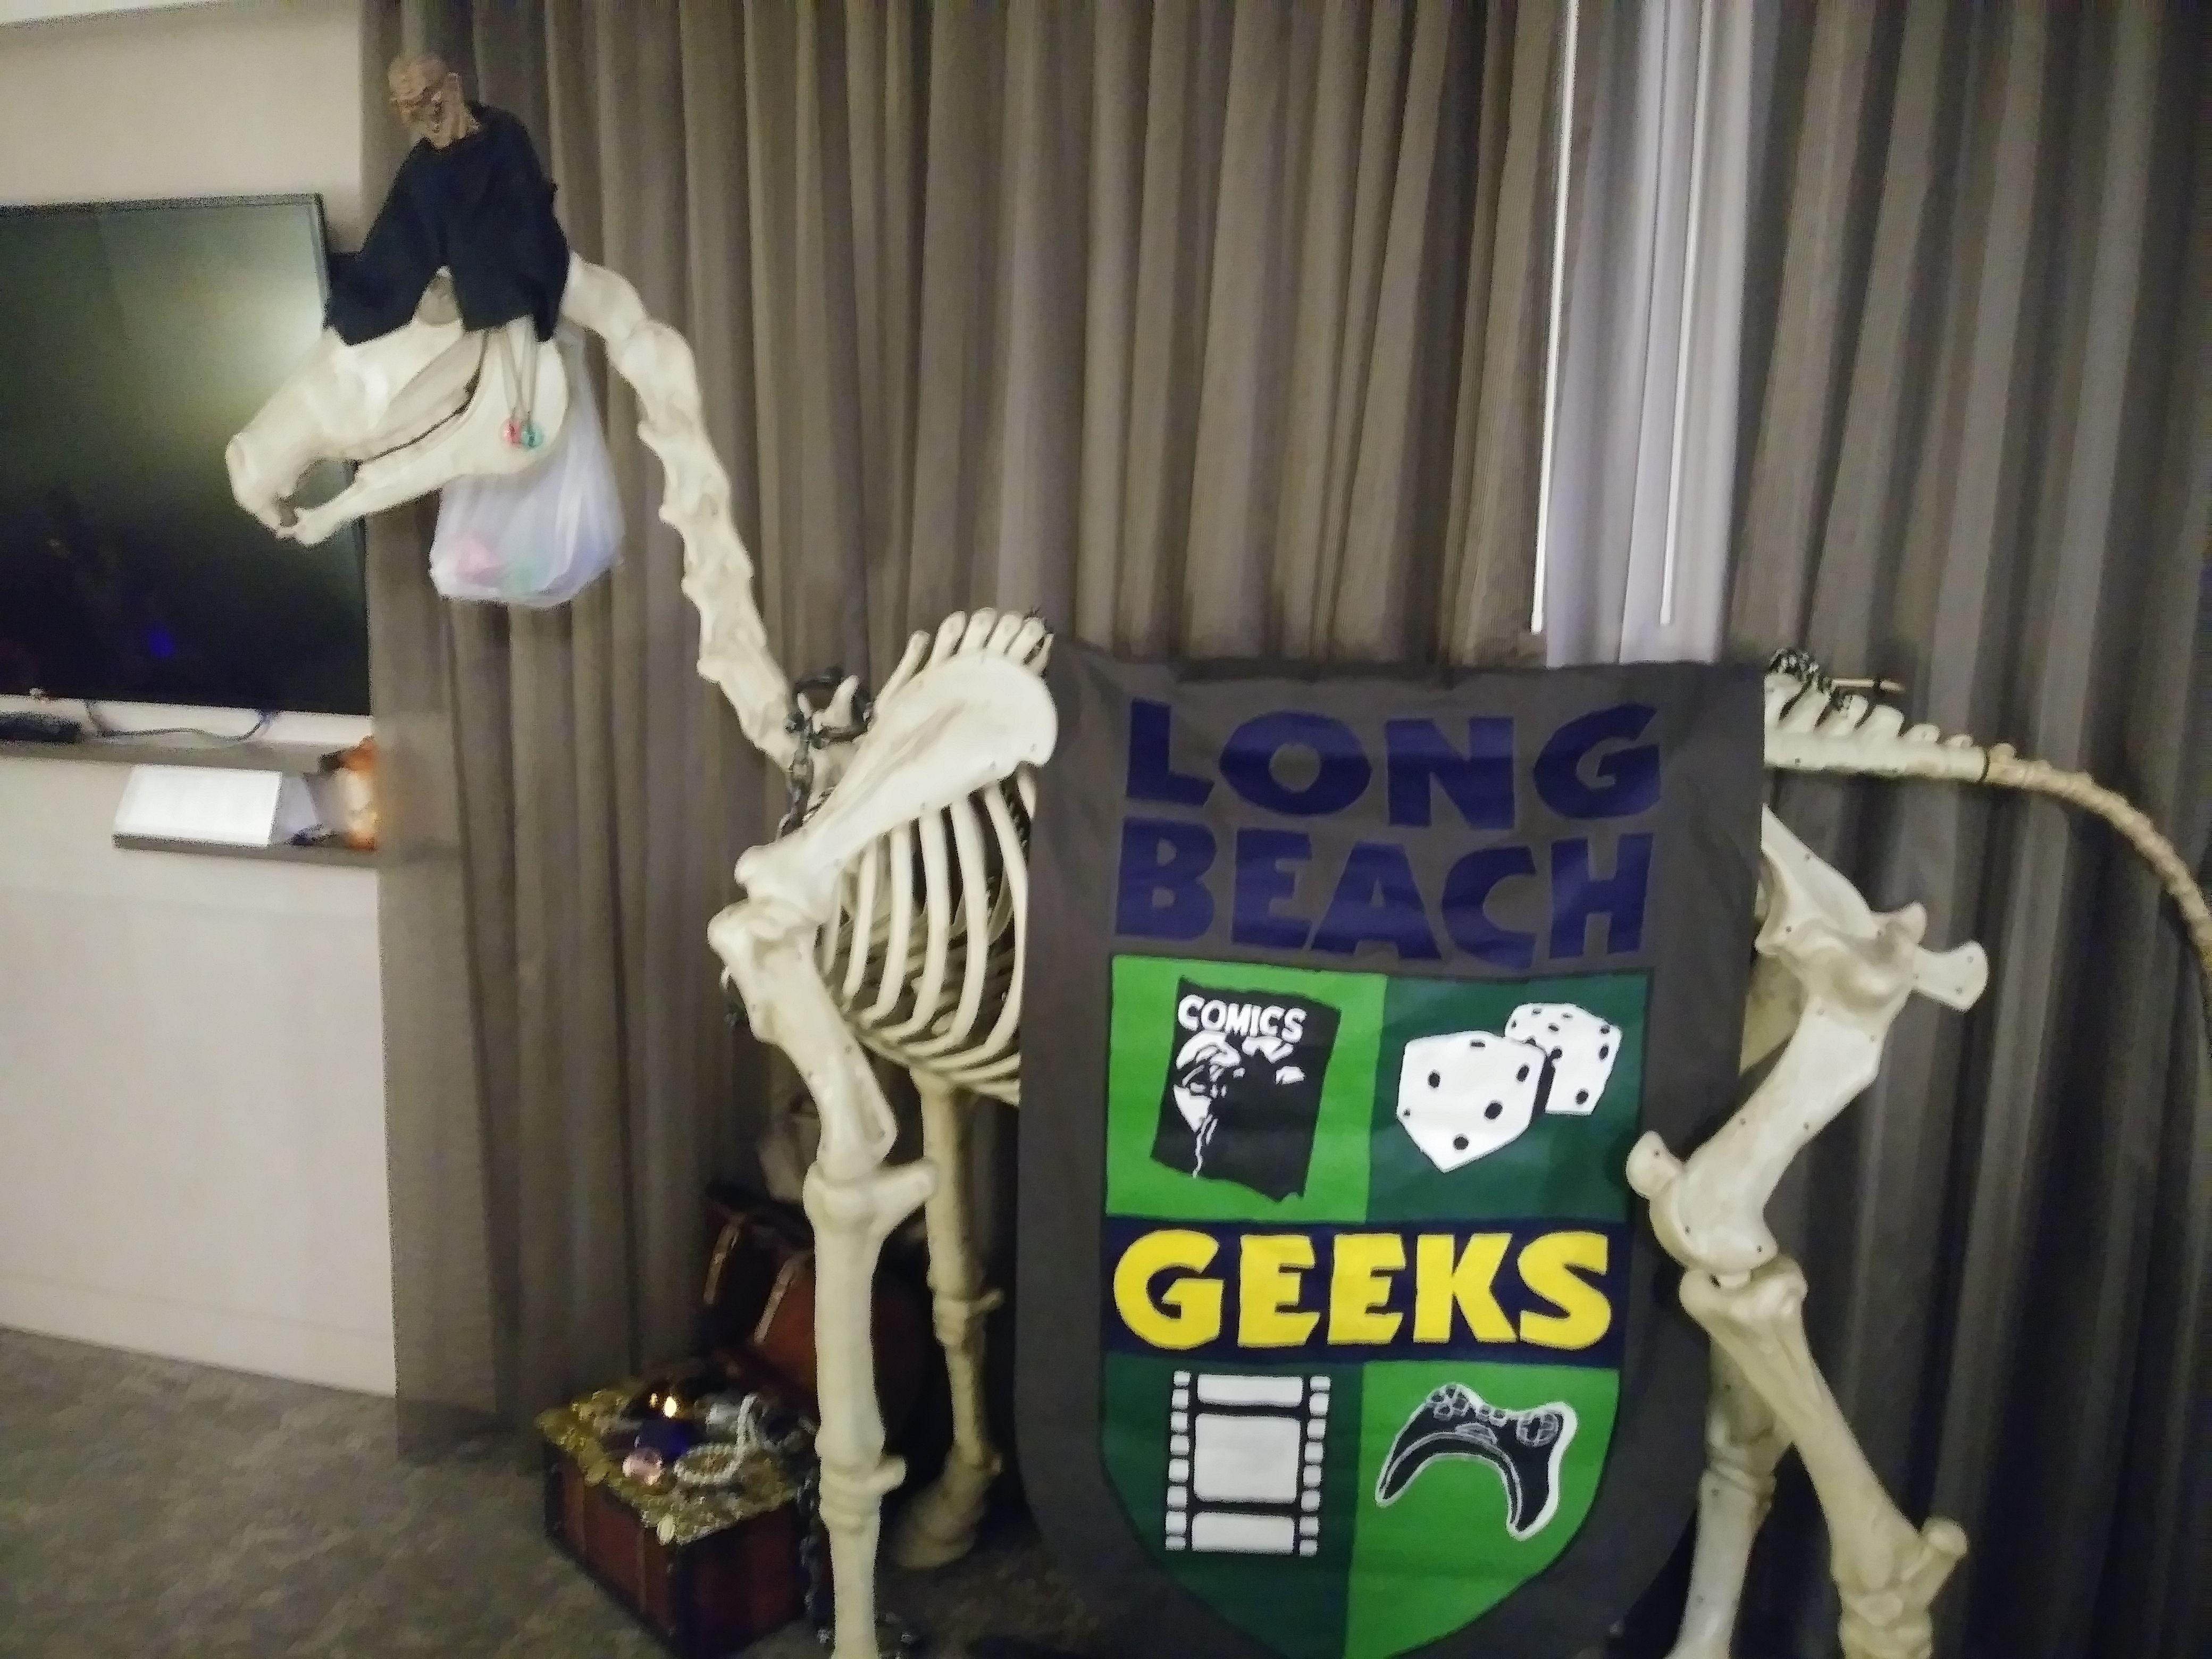 Long Beach Geeks